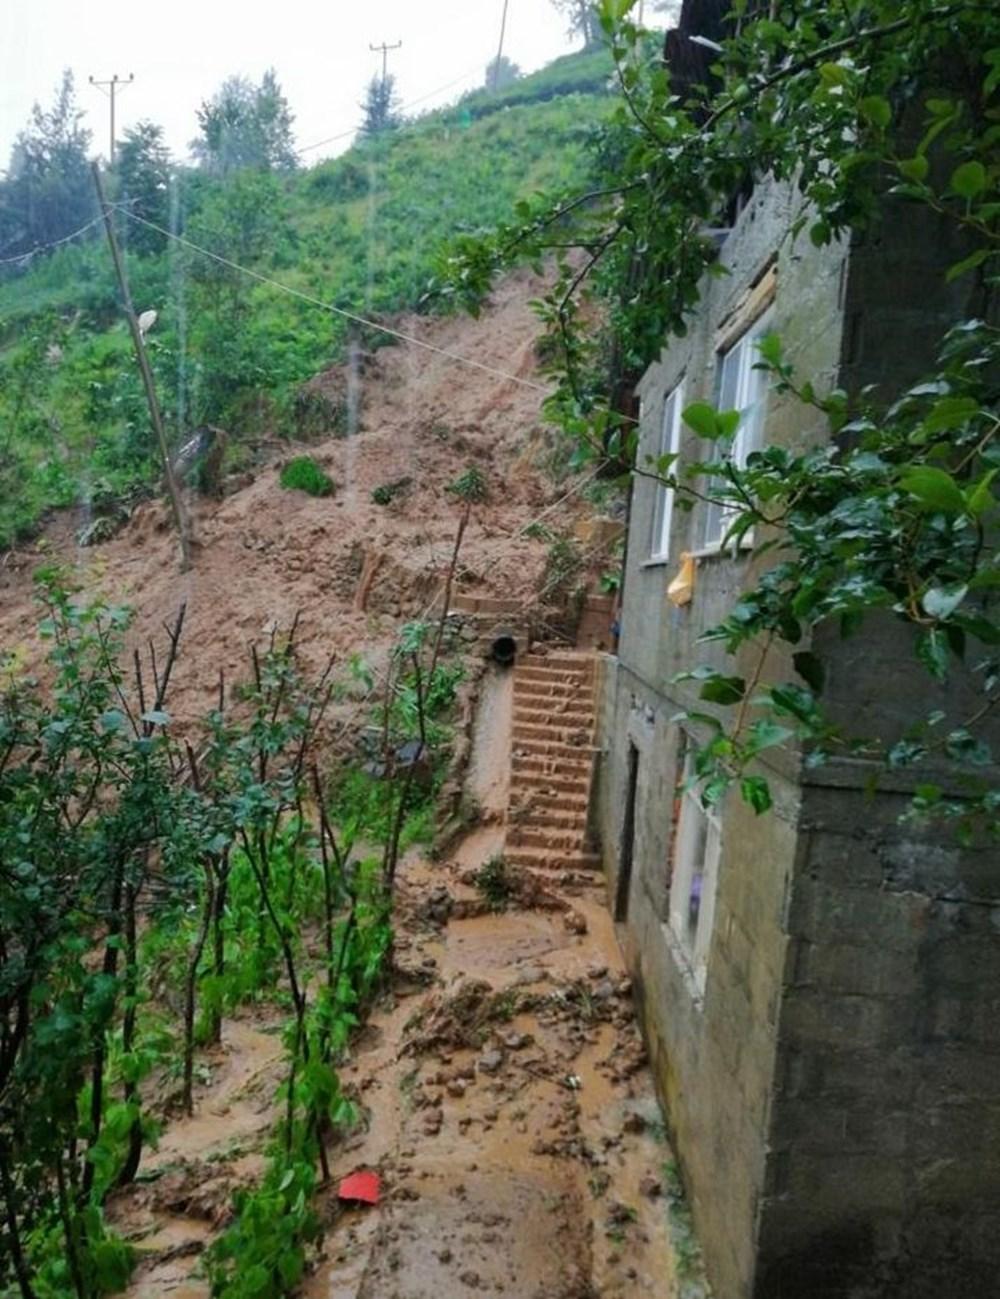 Şiddetli yağış Rize'yi de vurdu: 2 can kaybı - 37